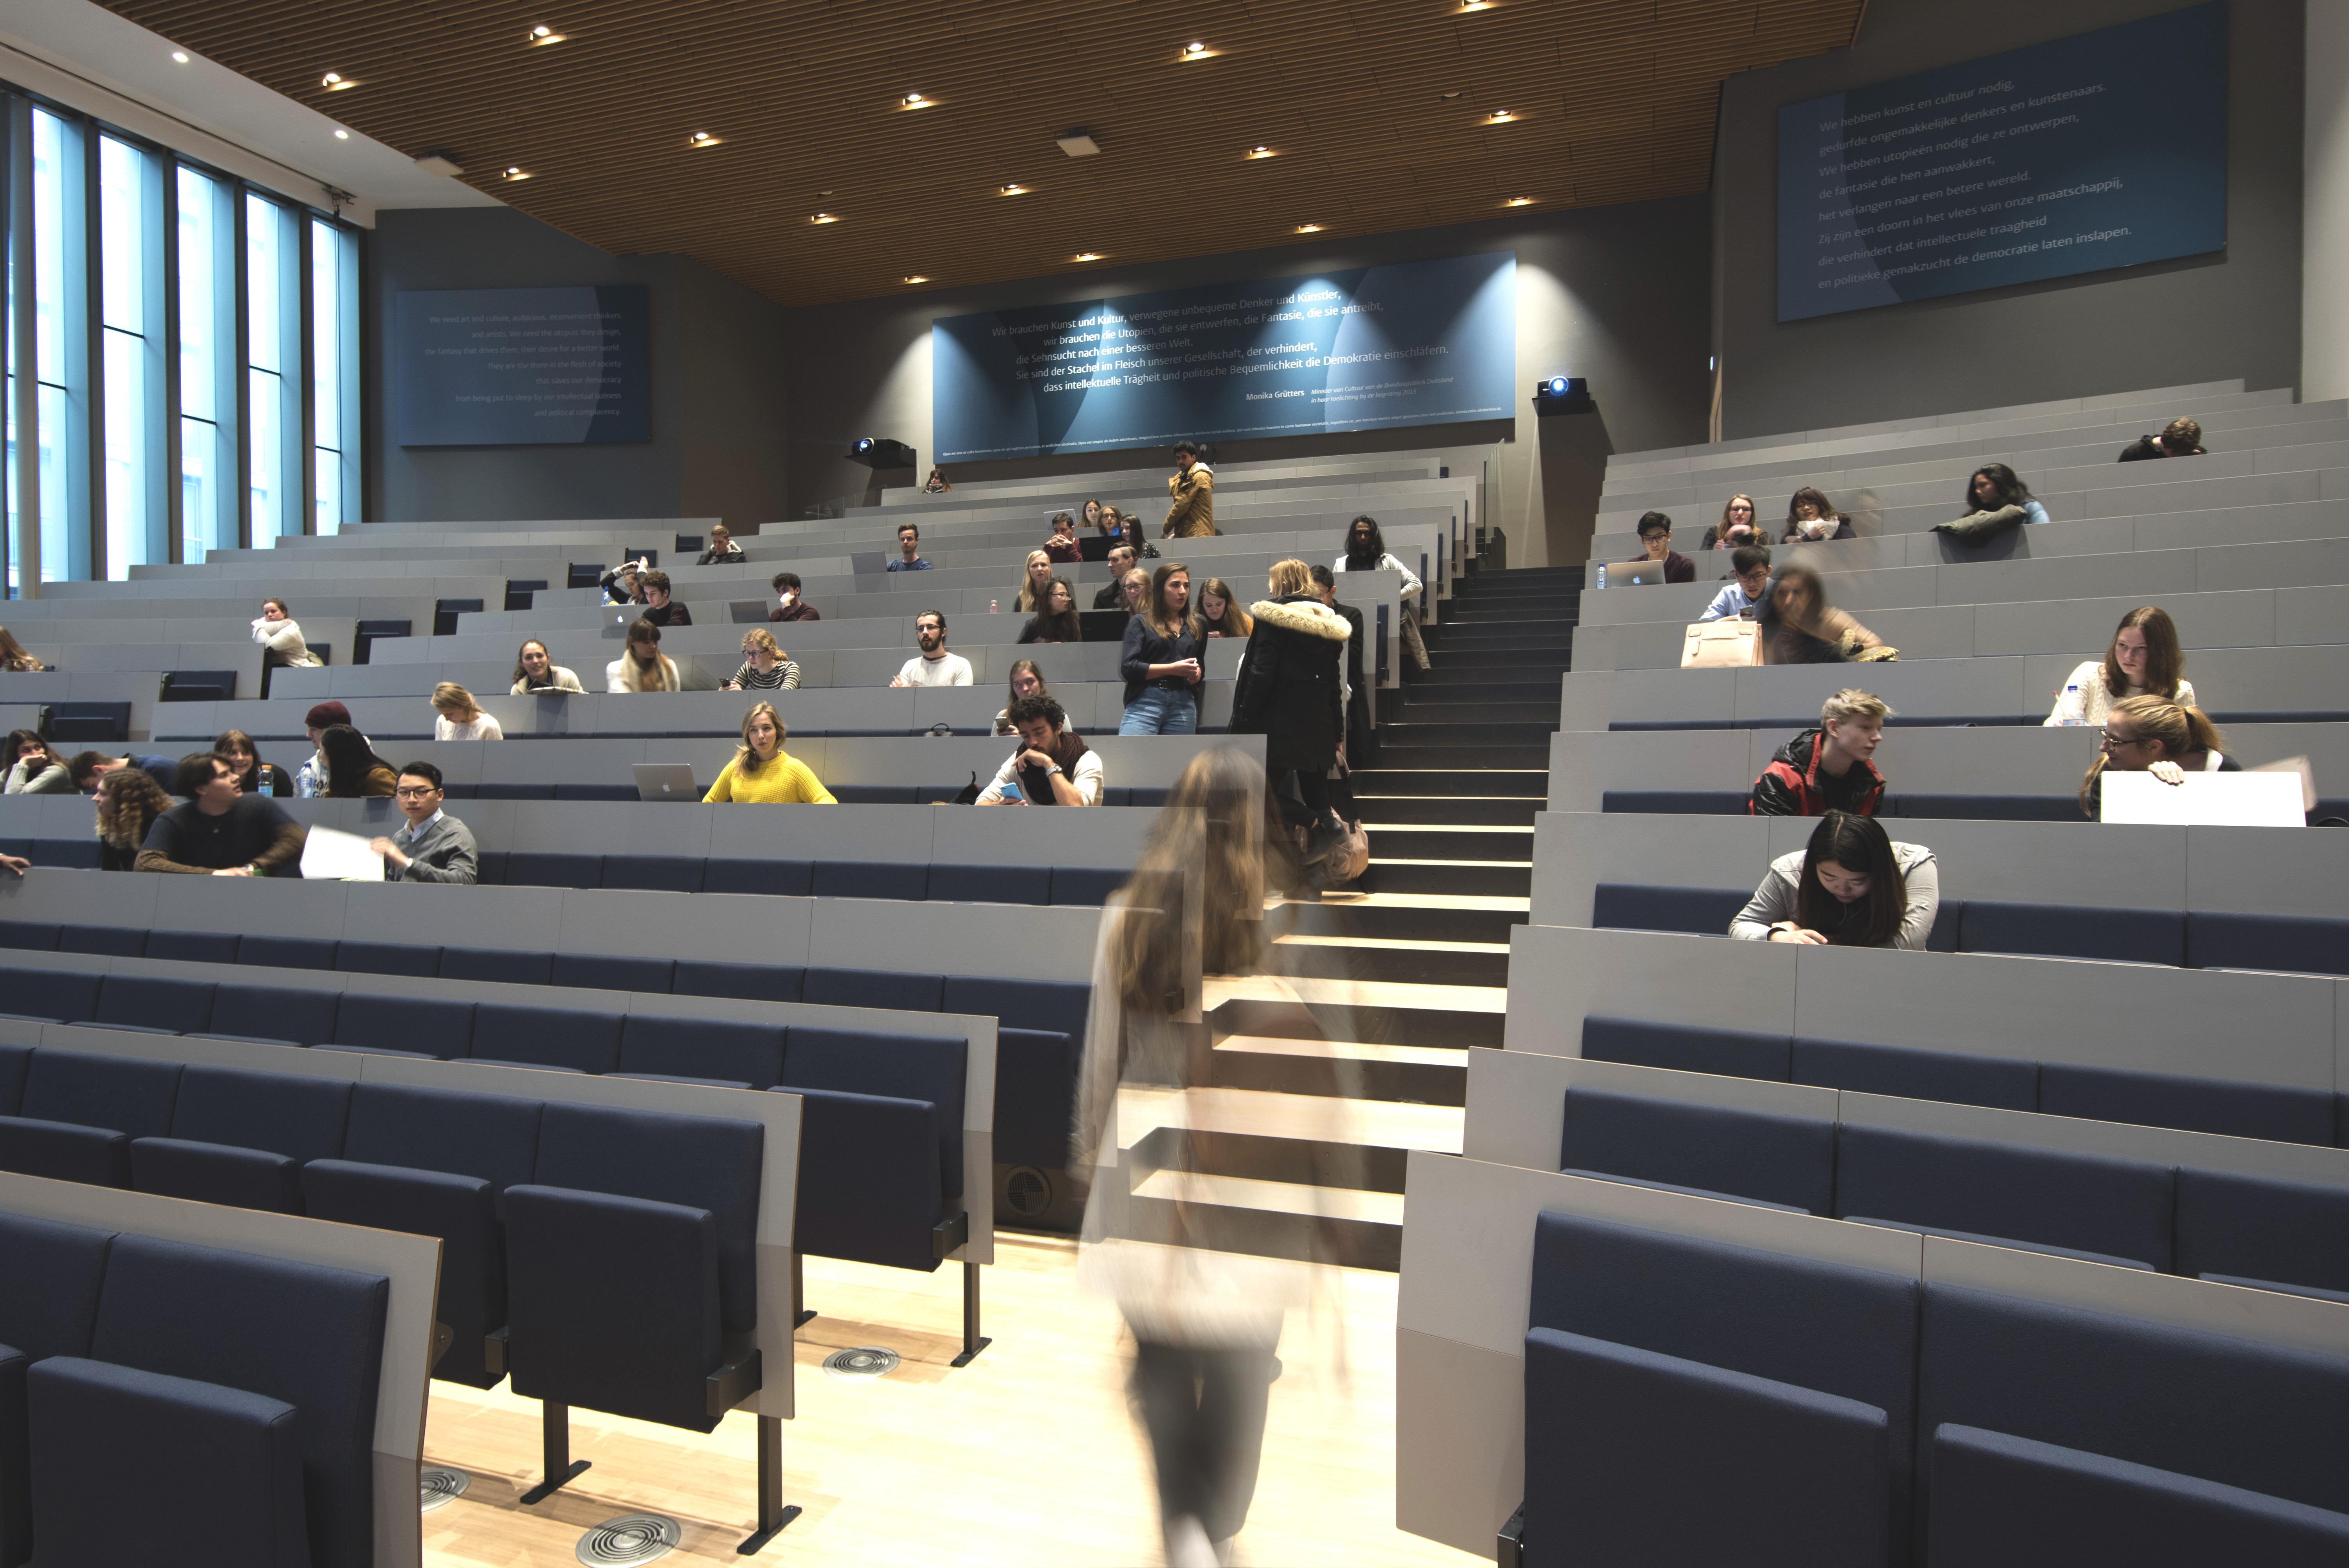 <p>Studenten in het auditorium, foto: Peter de Ruig</p>